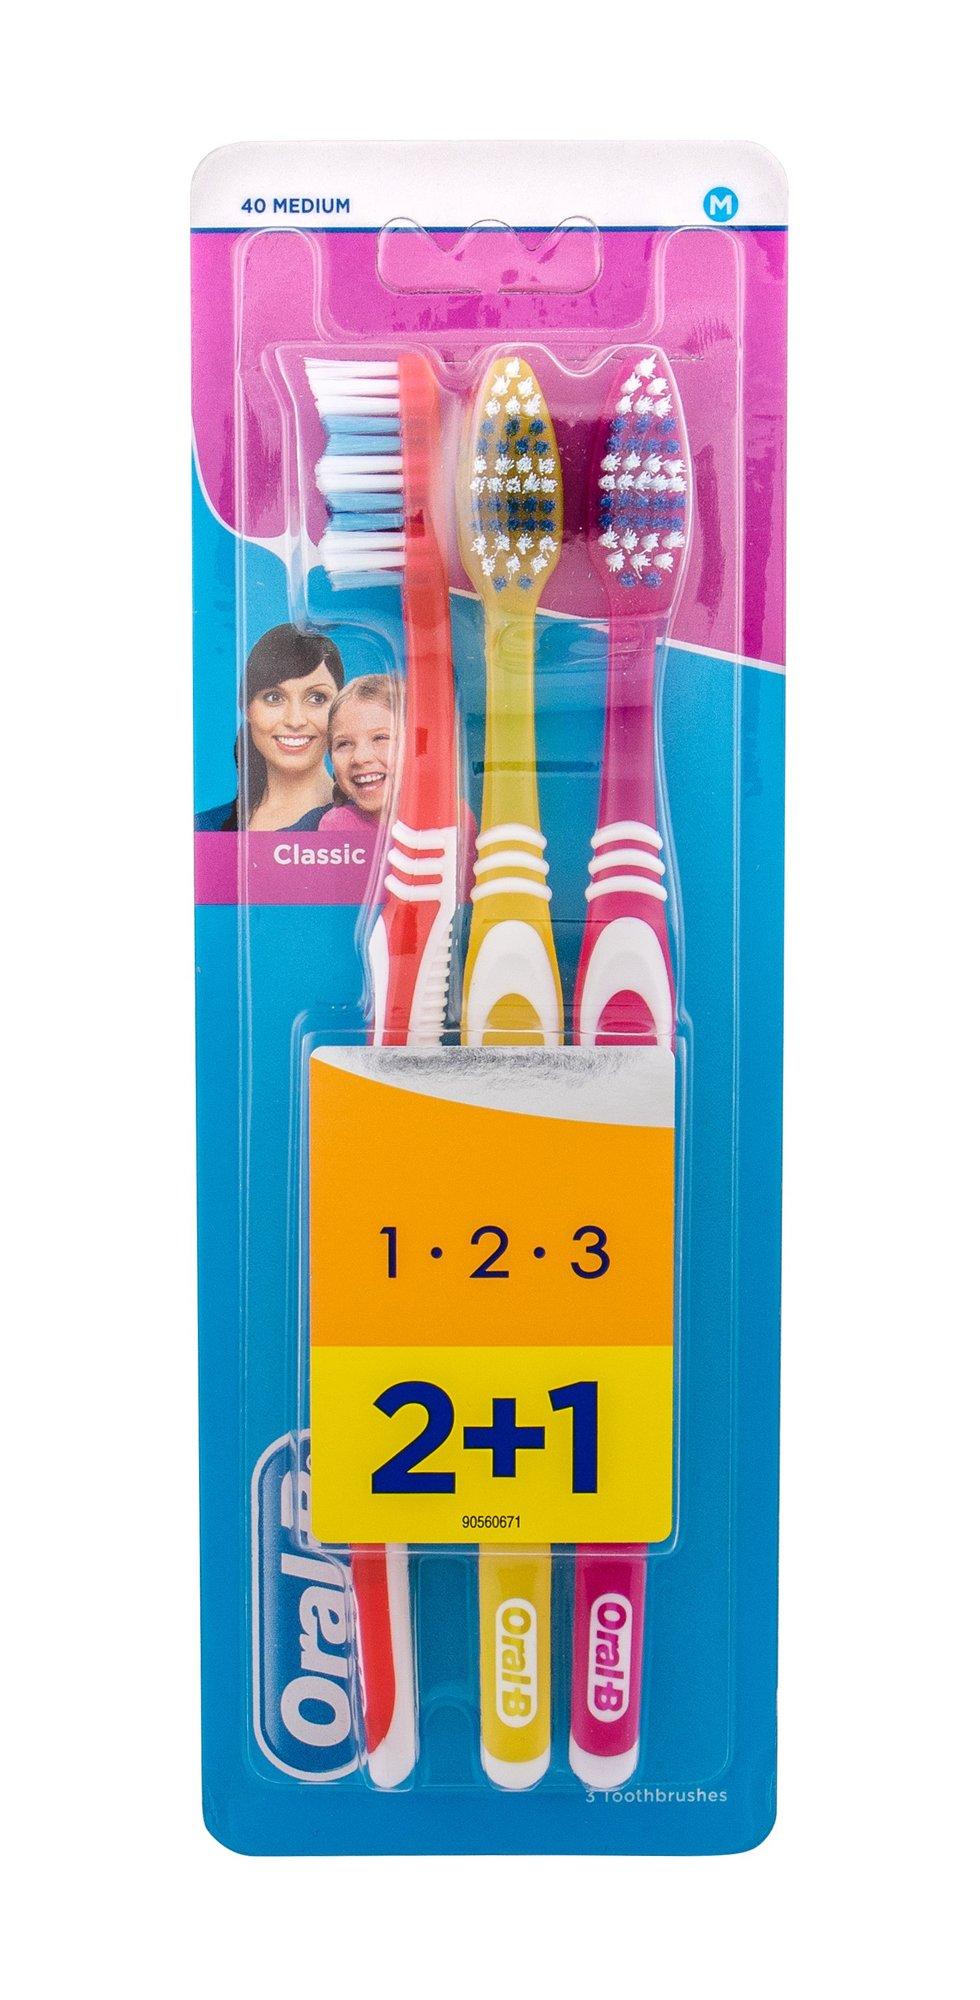 Oral-B Toothbrush Toothbrush 3ml Red, Yellow, Pink